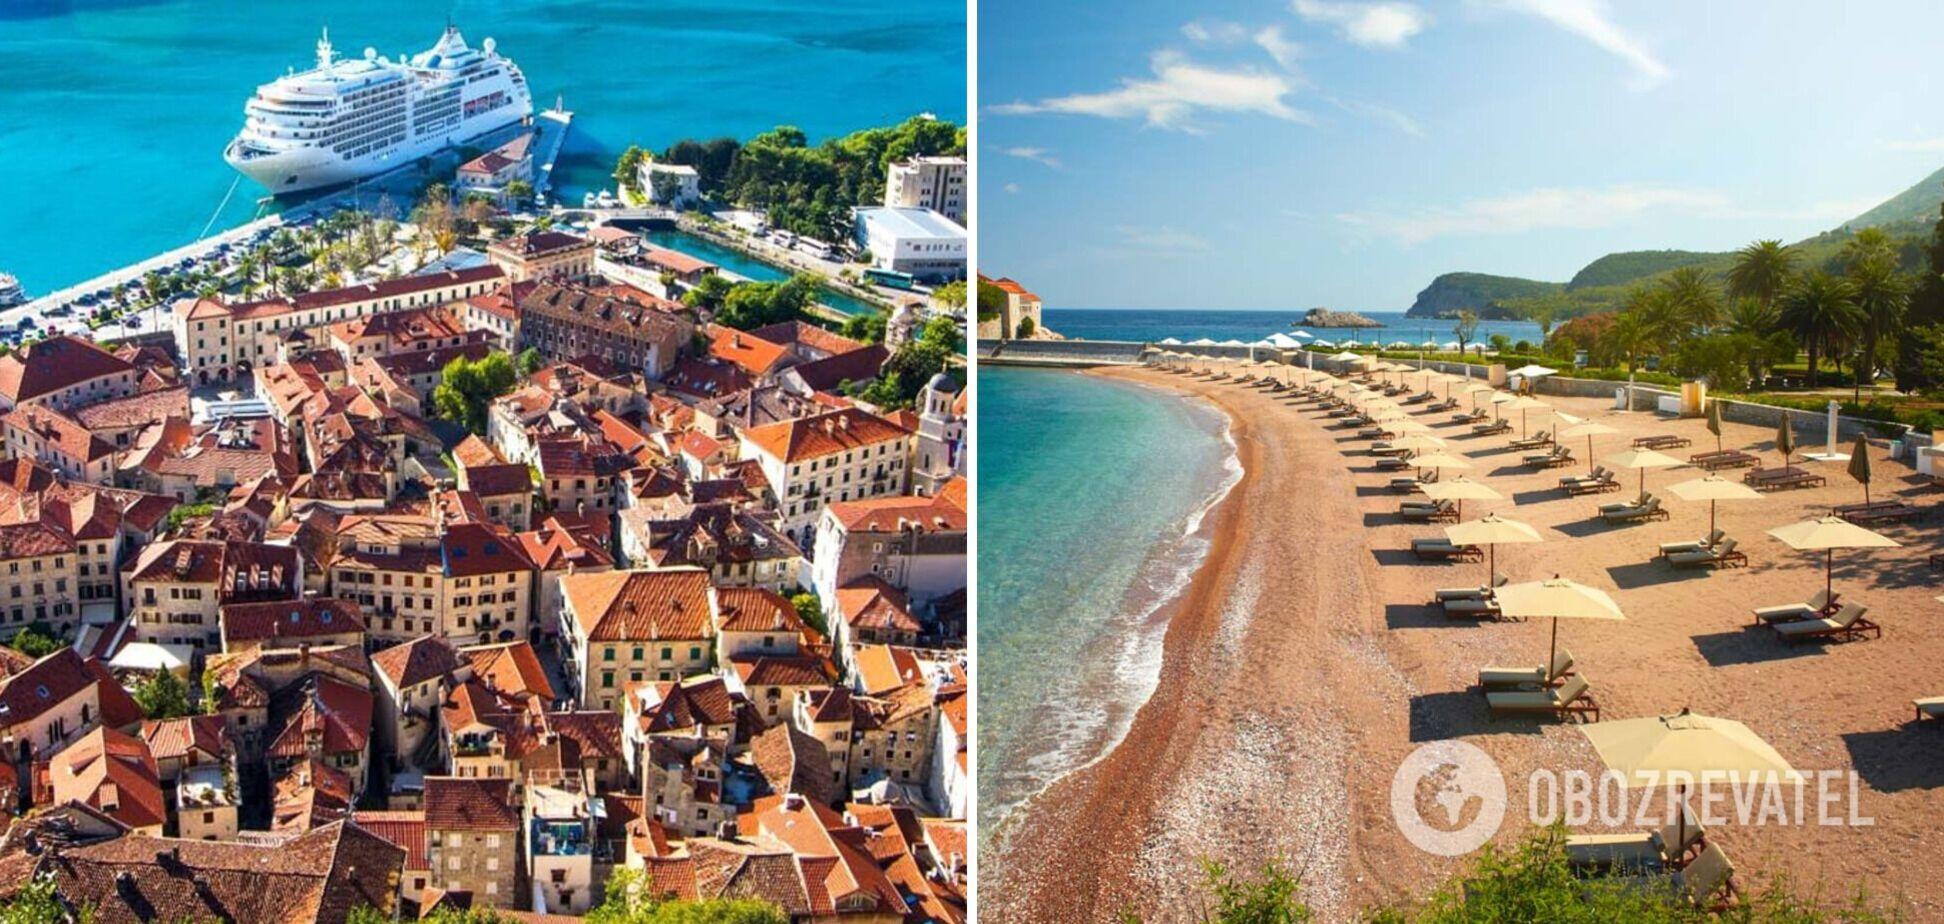 Чорногорія ввела нові правила в'їзду для туристів: що змінилося